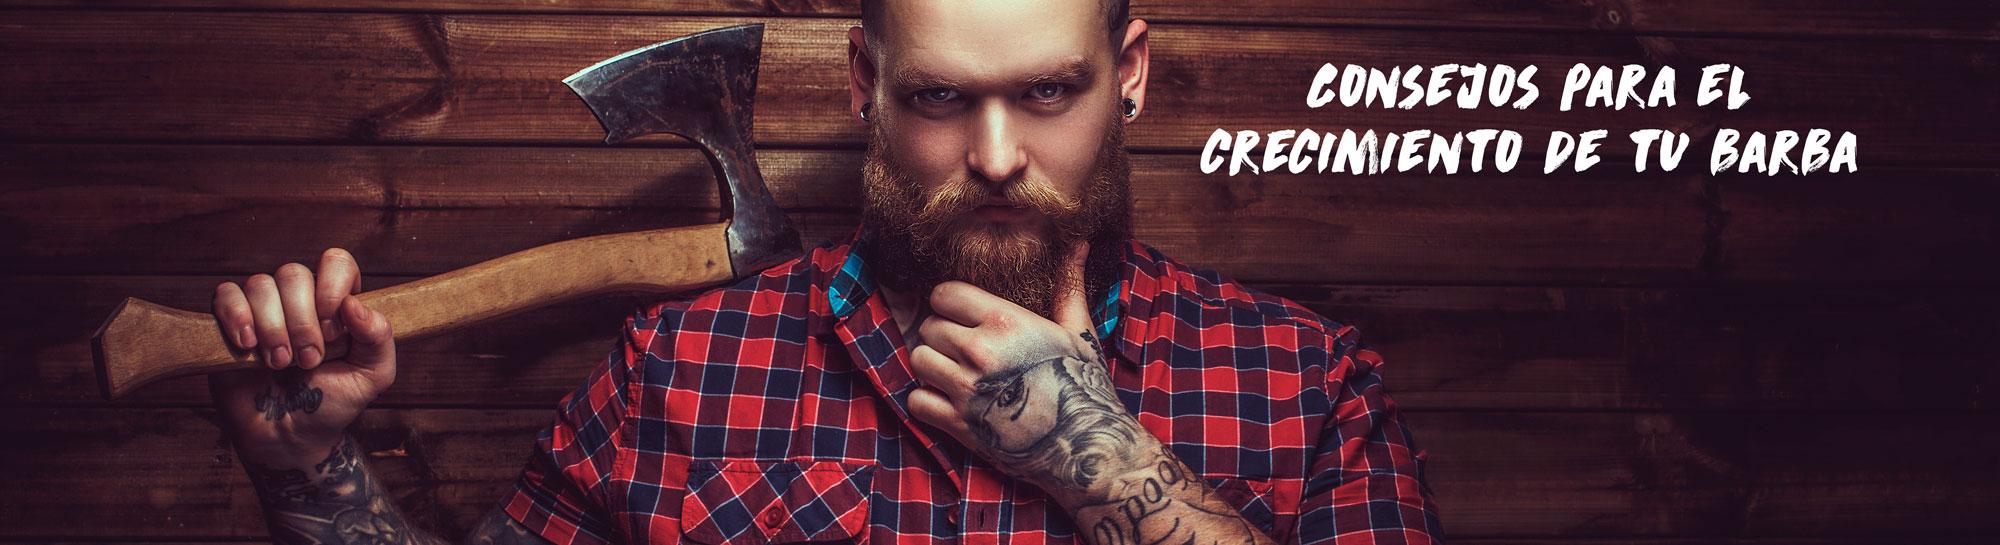 Cuidado-de-tu-barba1